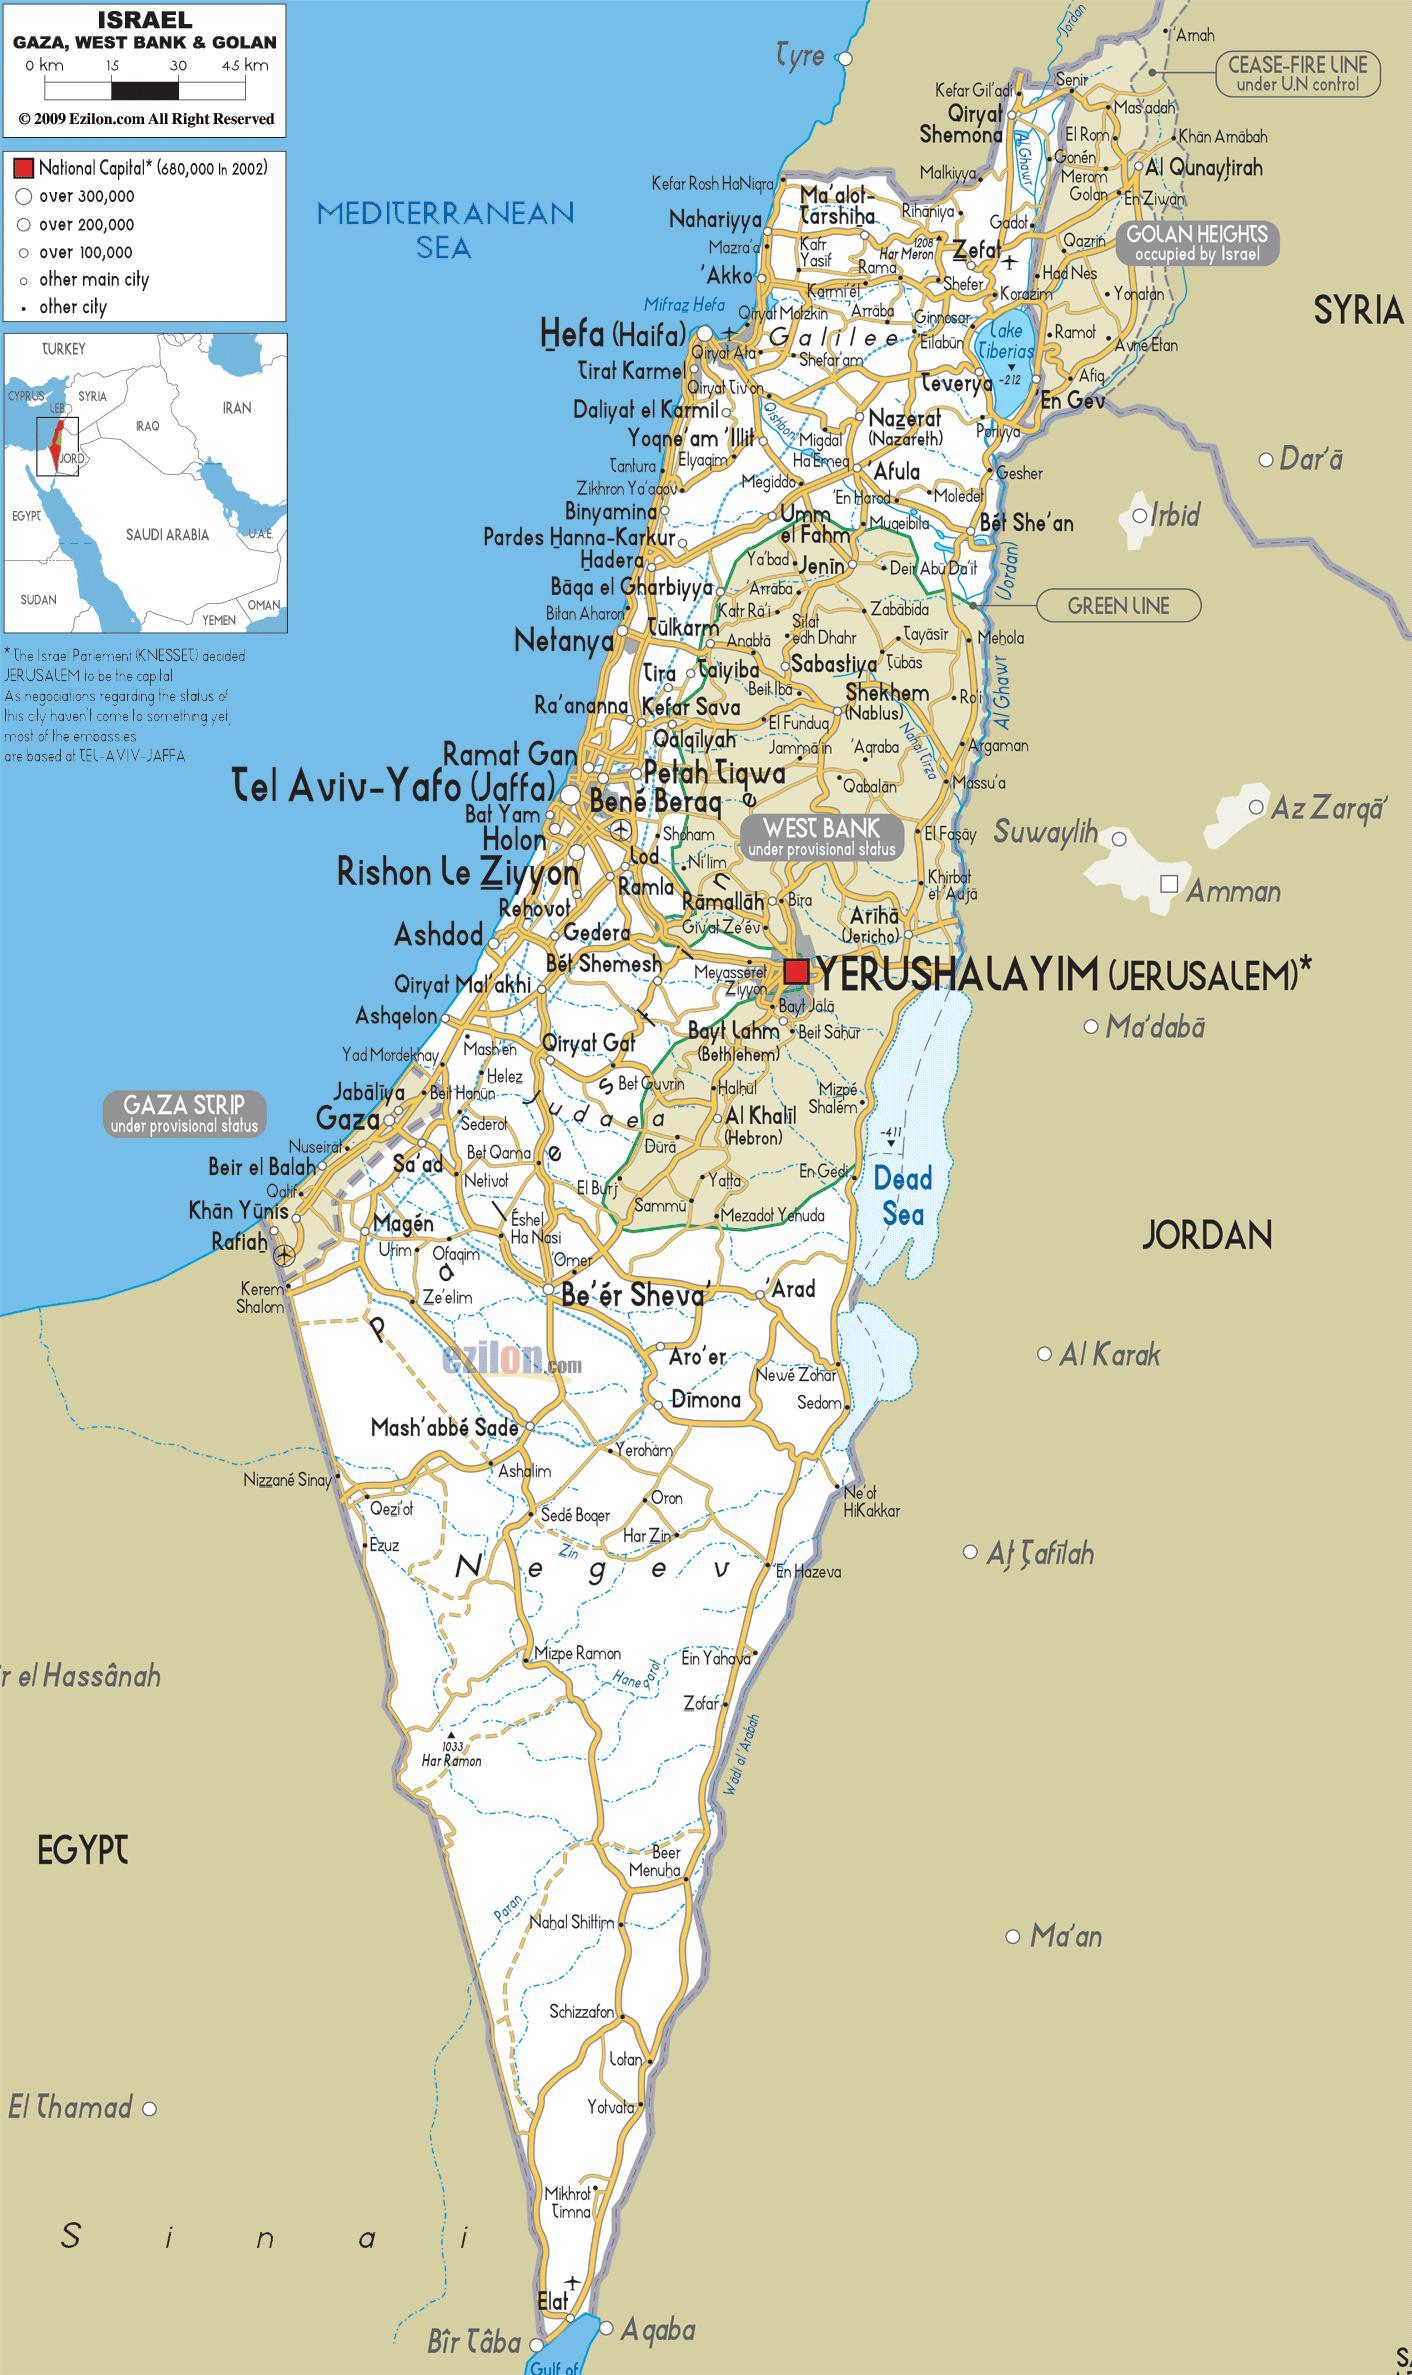 Israel Veje Kort Kort Over Israel Veje Det Vestlige Asien Asien